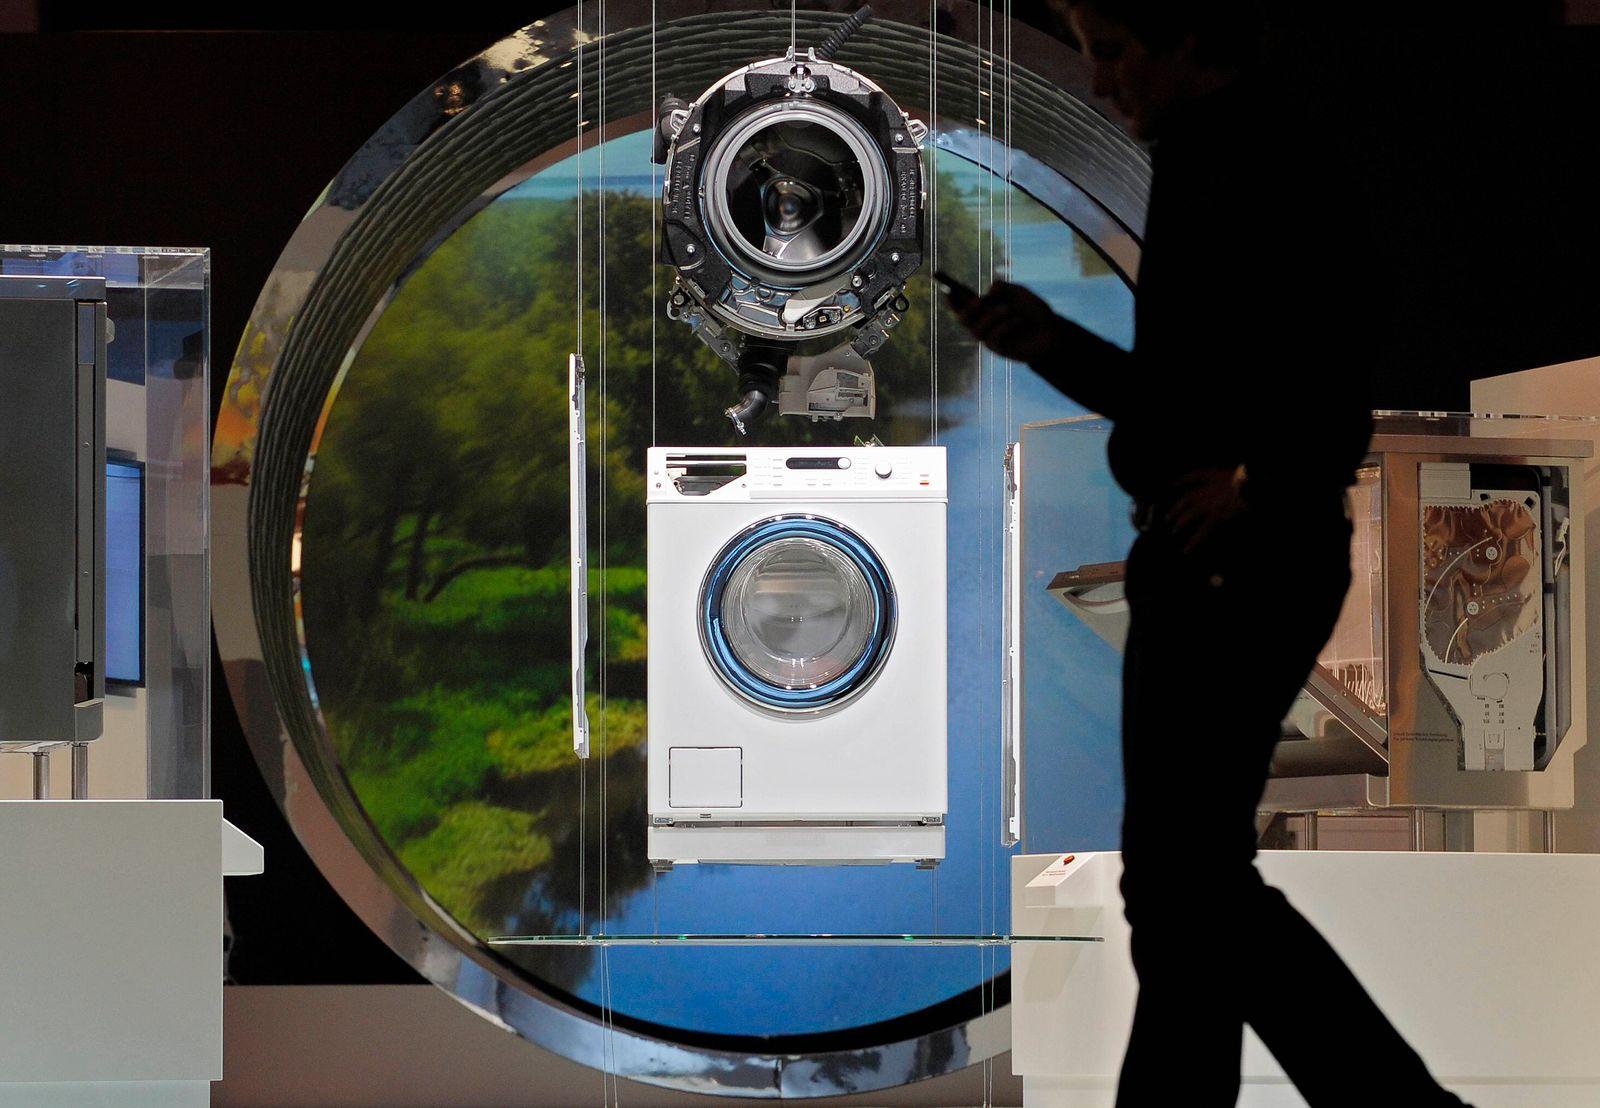 NICHT VERWENDEN Waschmaschine